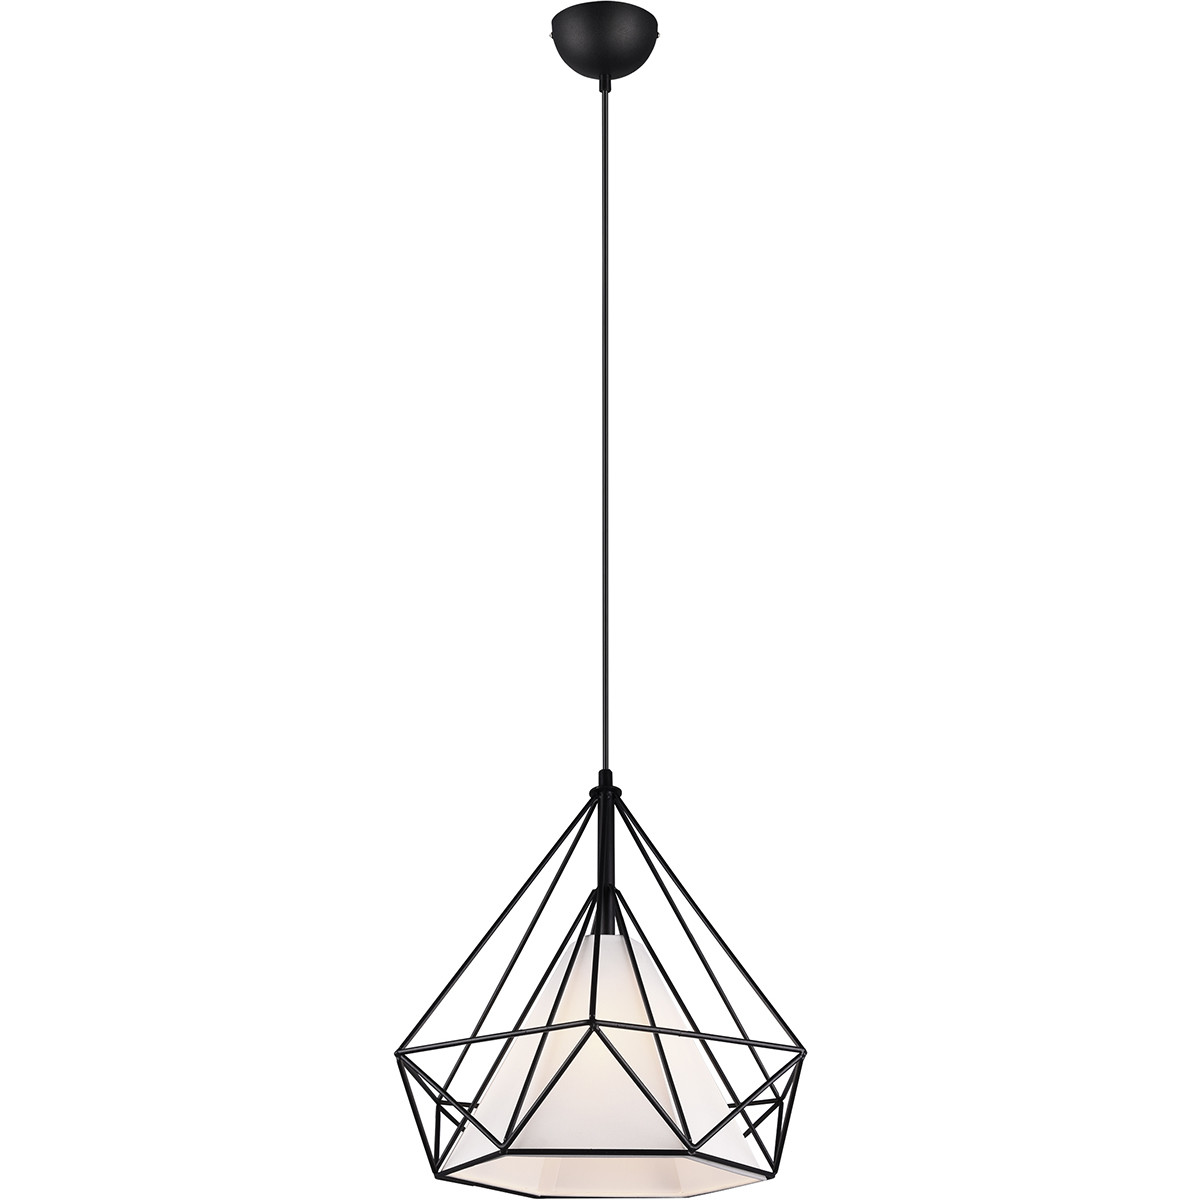 LED Hanglamp - Trion Babina - E27 Fitting - Rond - Mat Zwart - Aluminium/Textiel